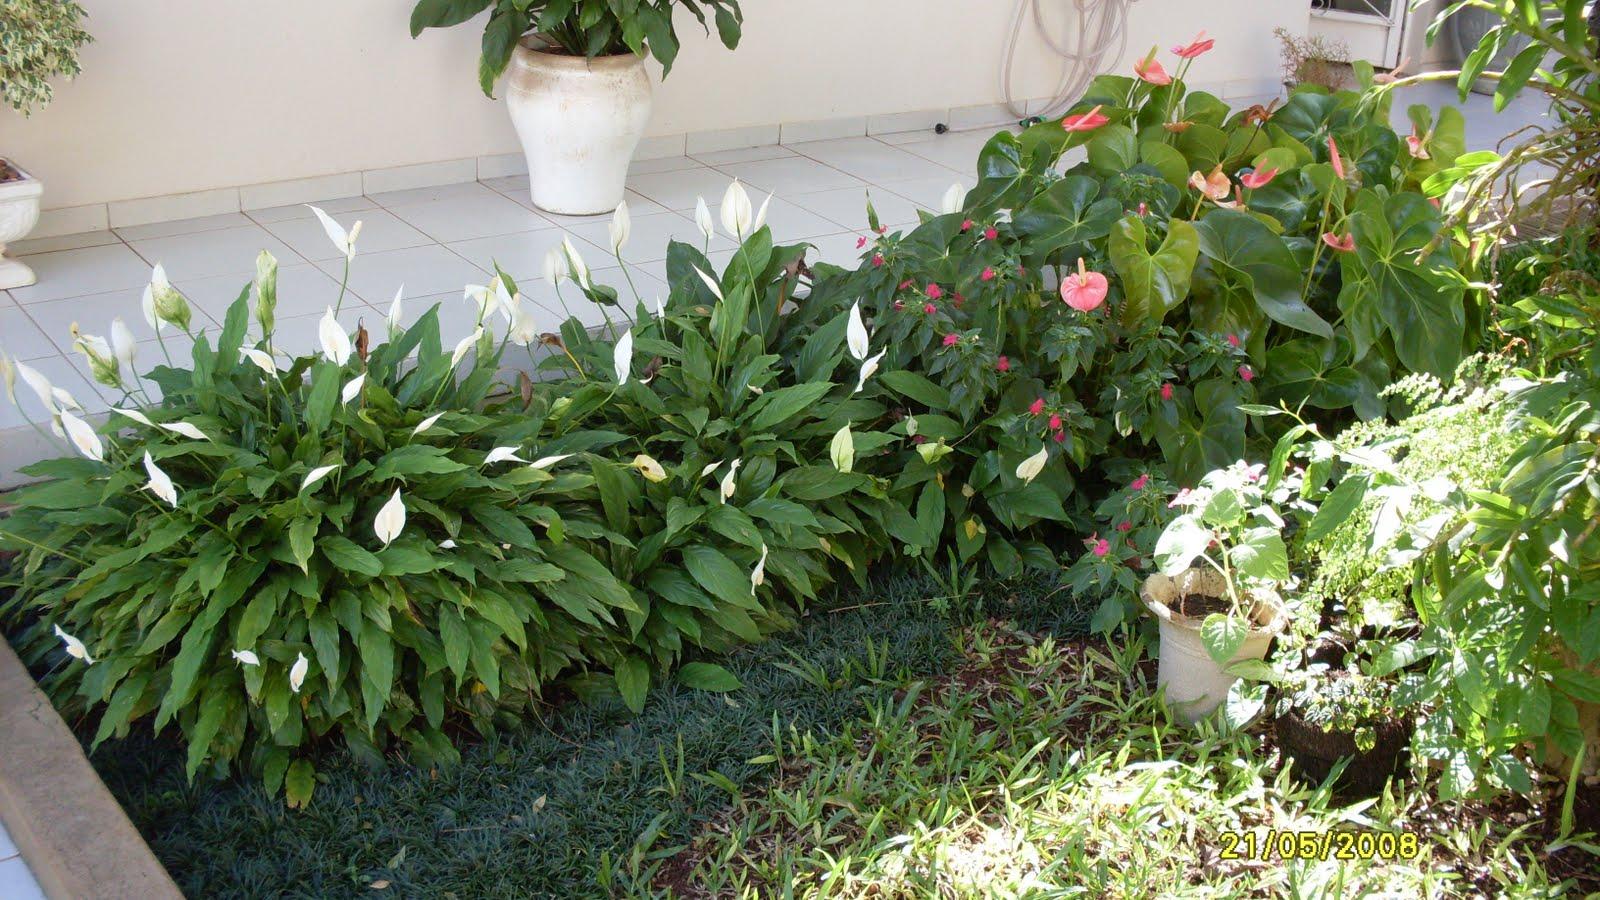 plantas bordaduras jardimAntúrios e Líriosdapaz, com bordadura de